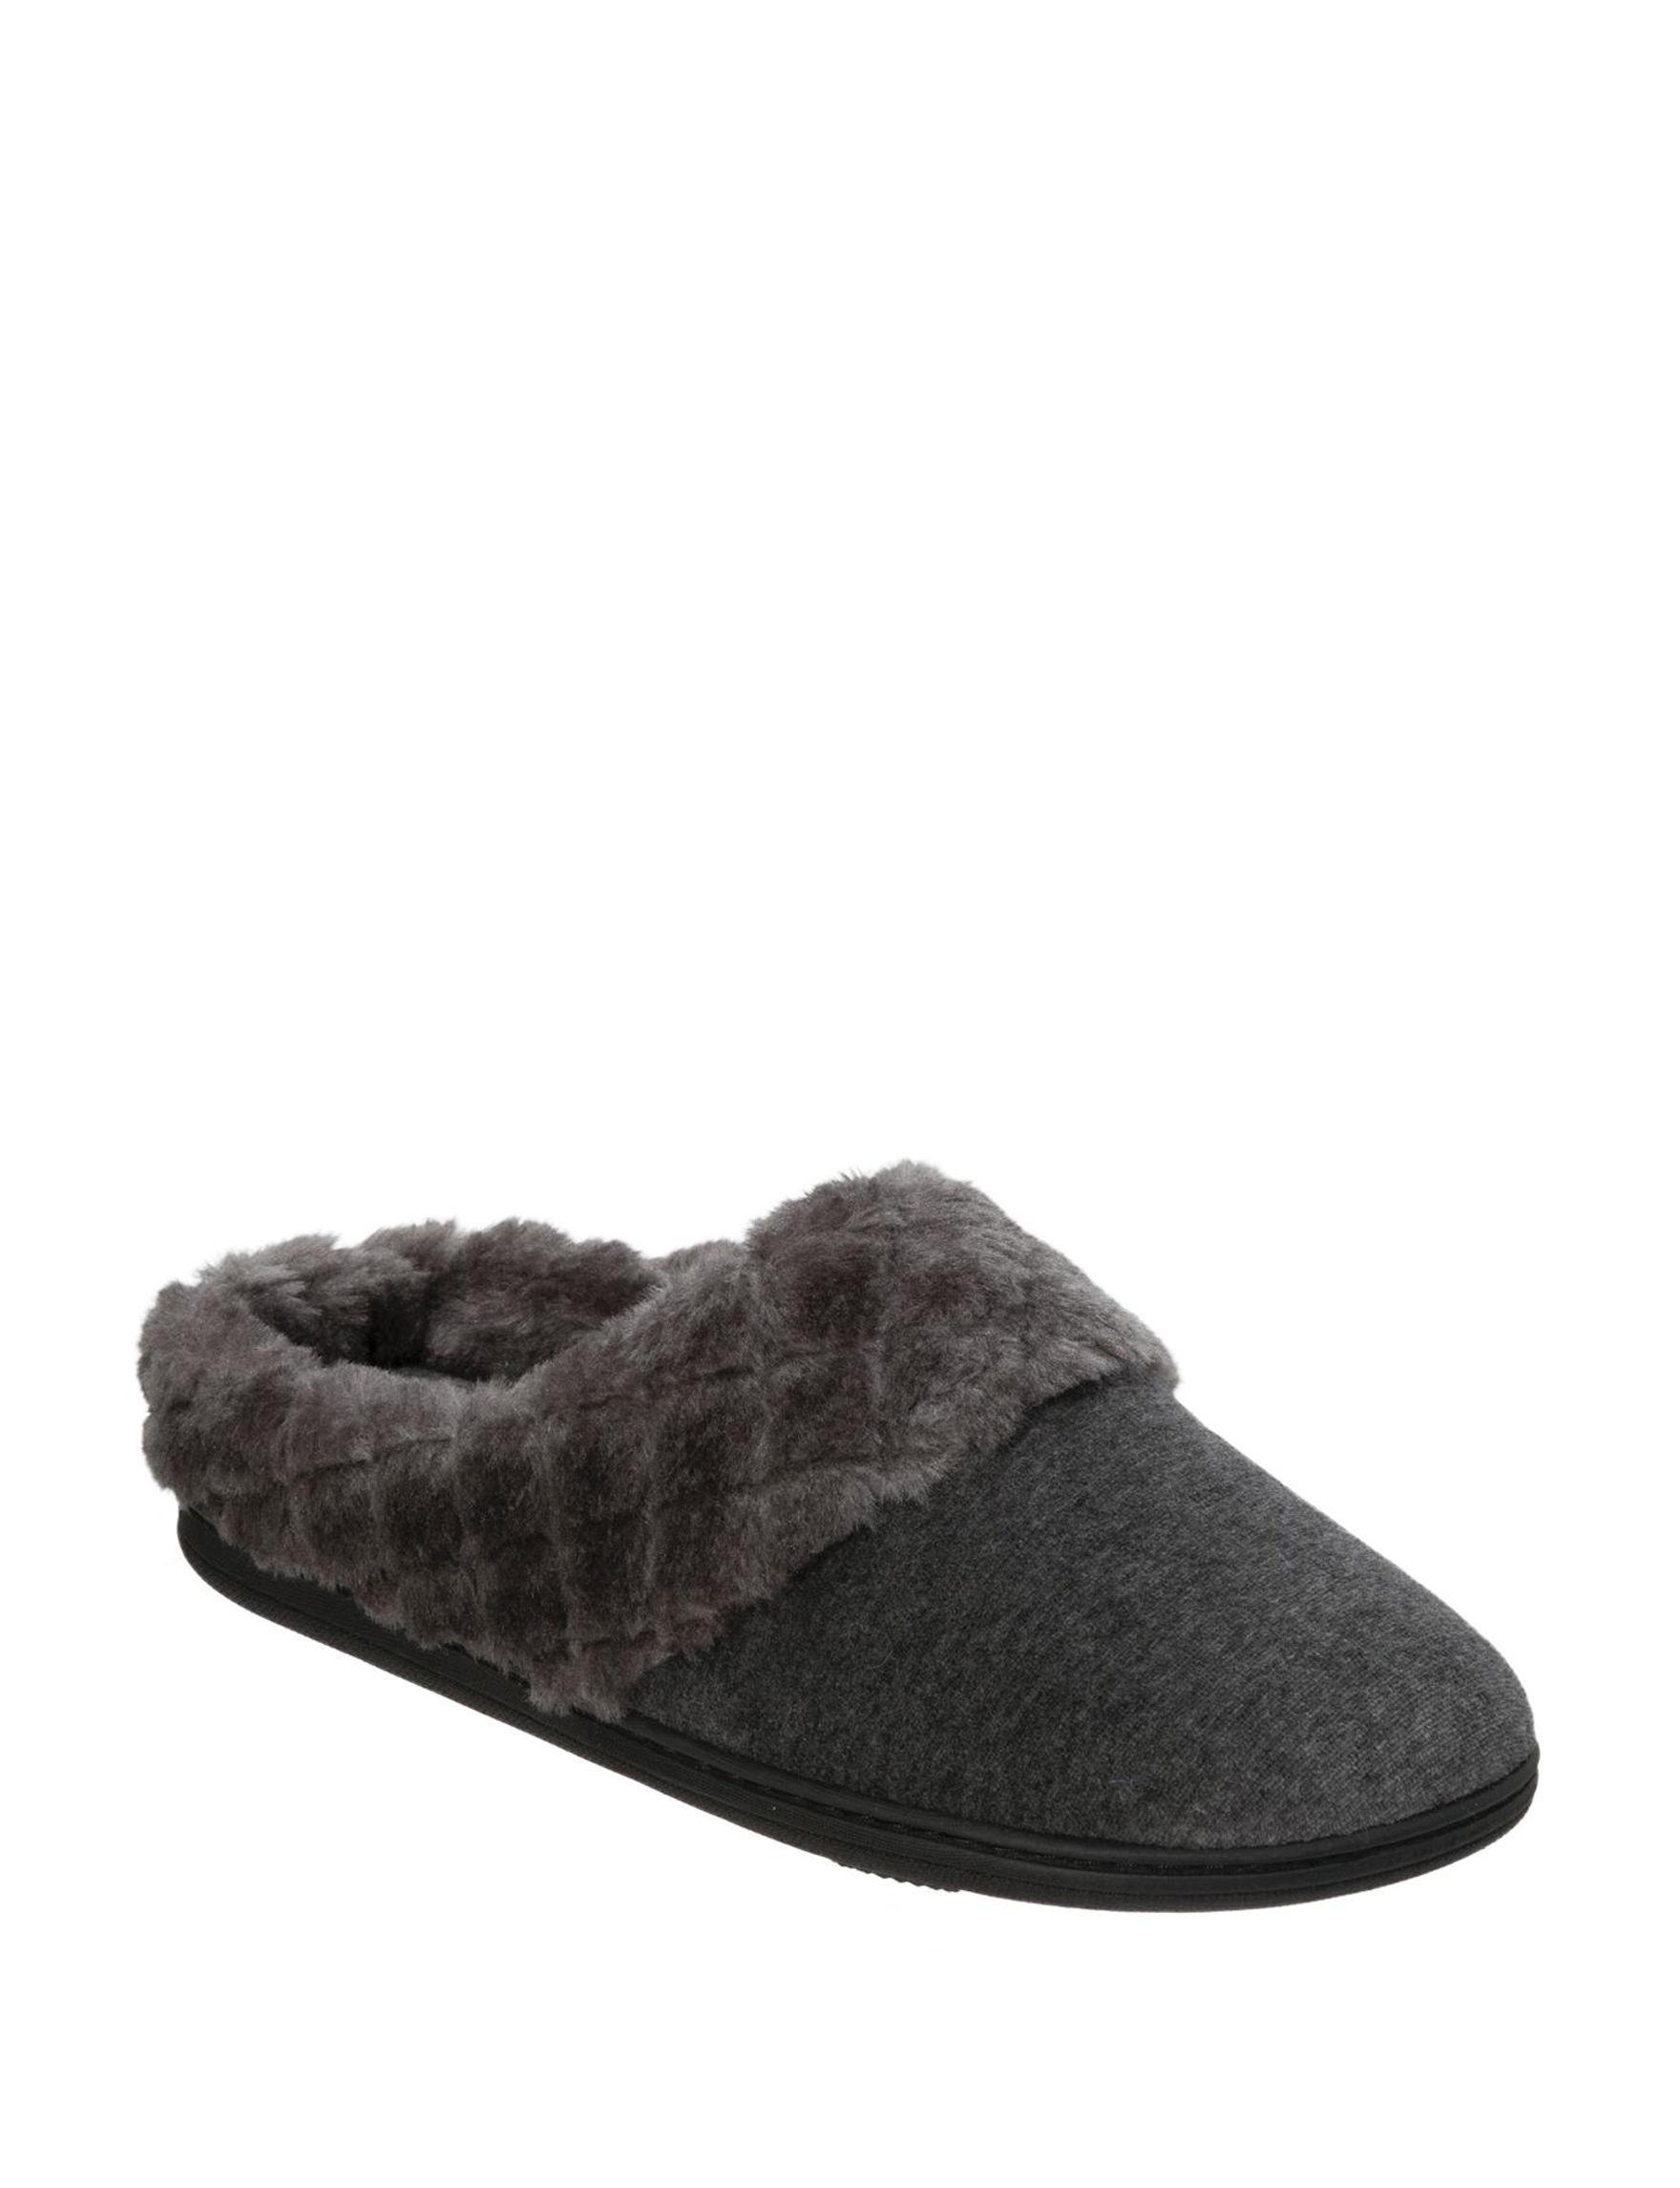 Dearfoams Dark Grey Slipper Shoes